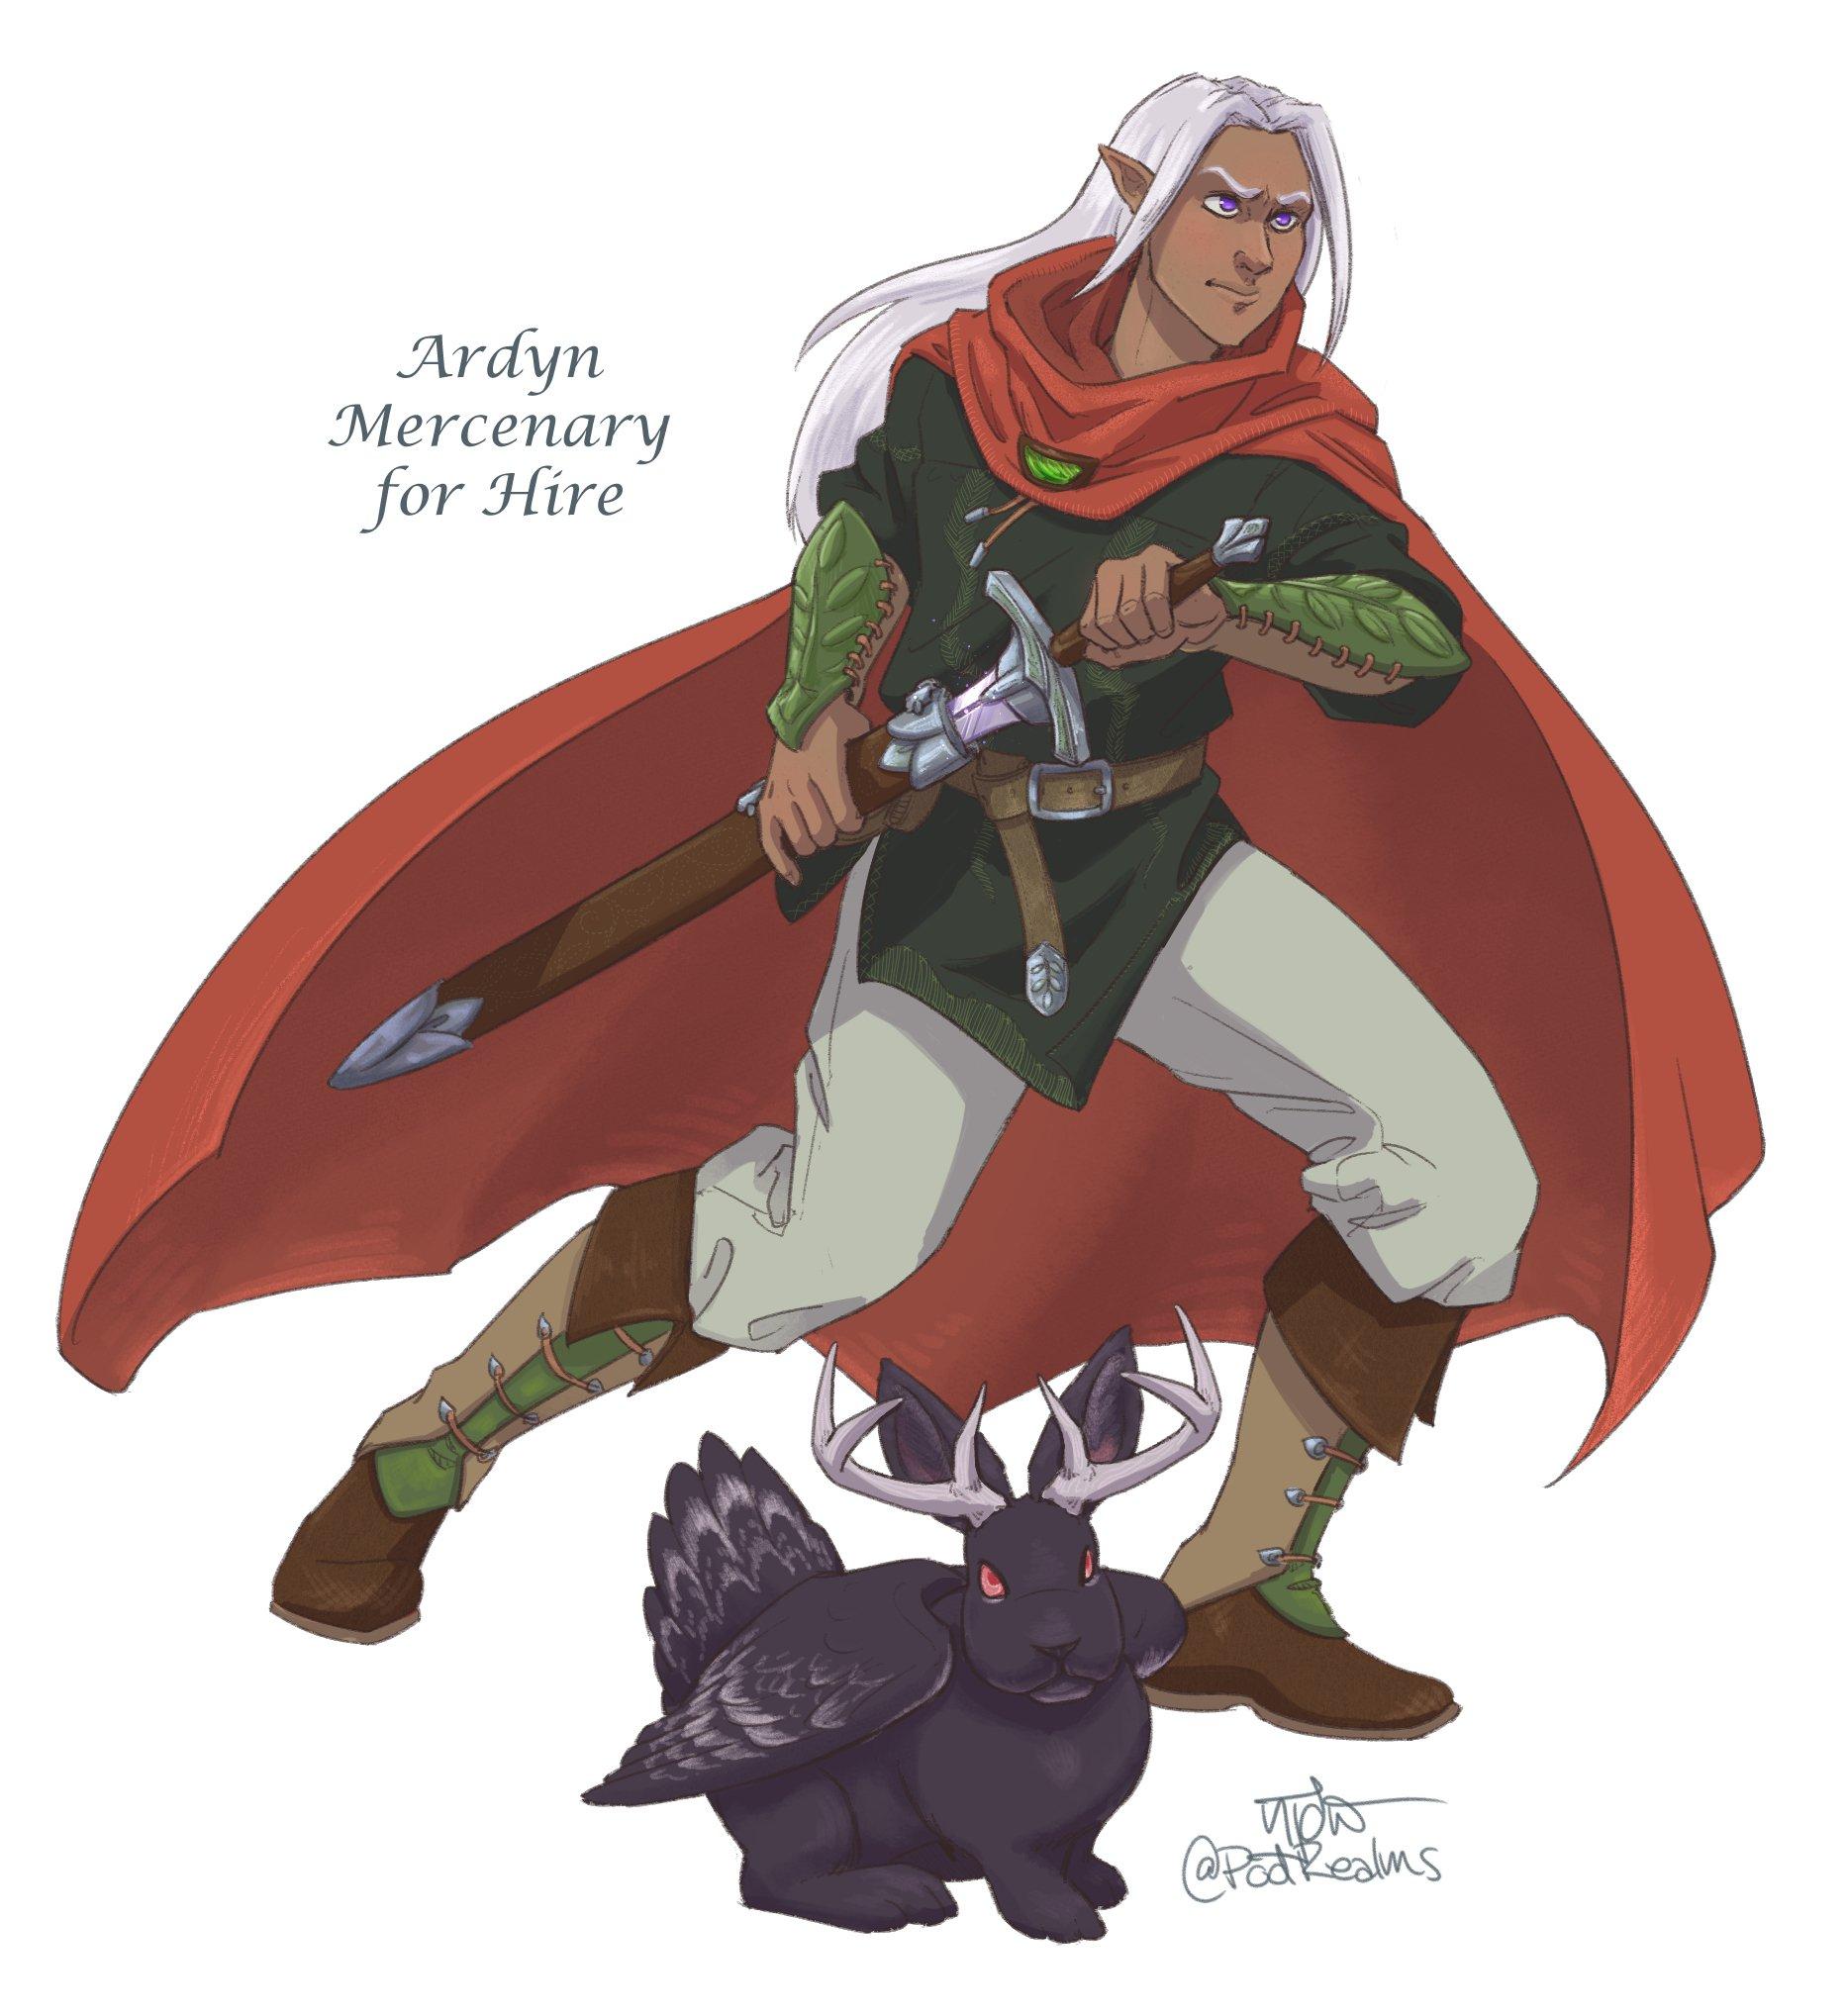 Ardyn, Mercenary for Hire